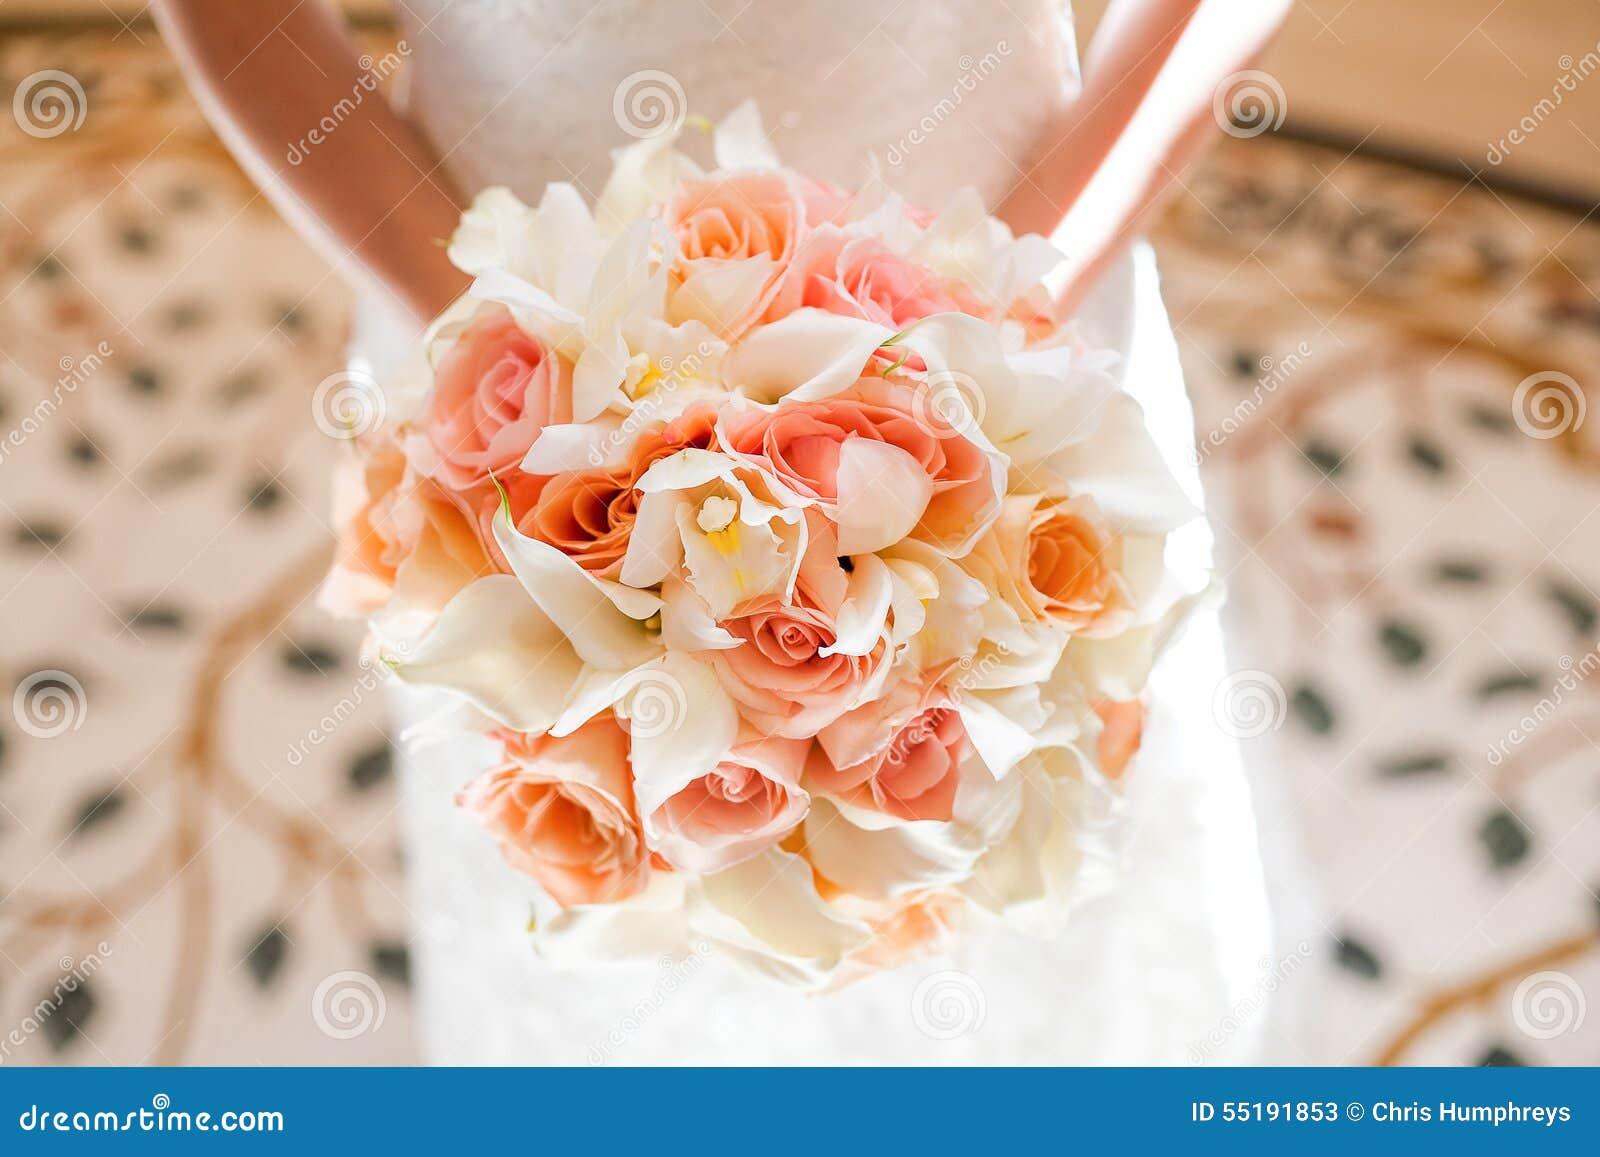 Mariage orange et rose